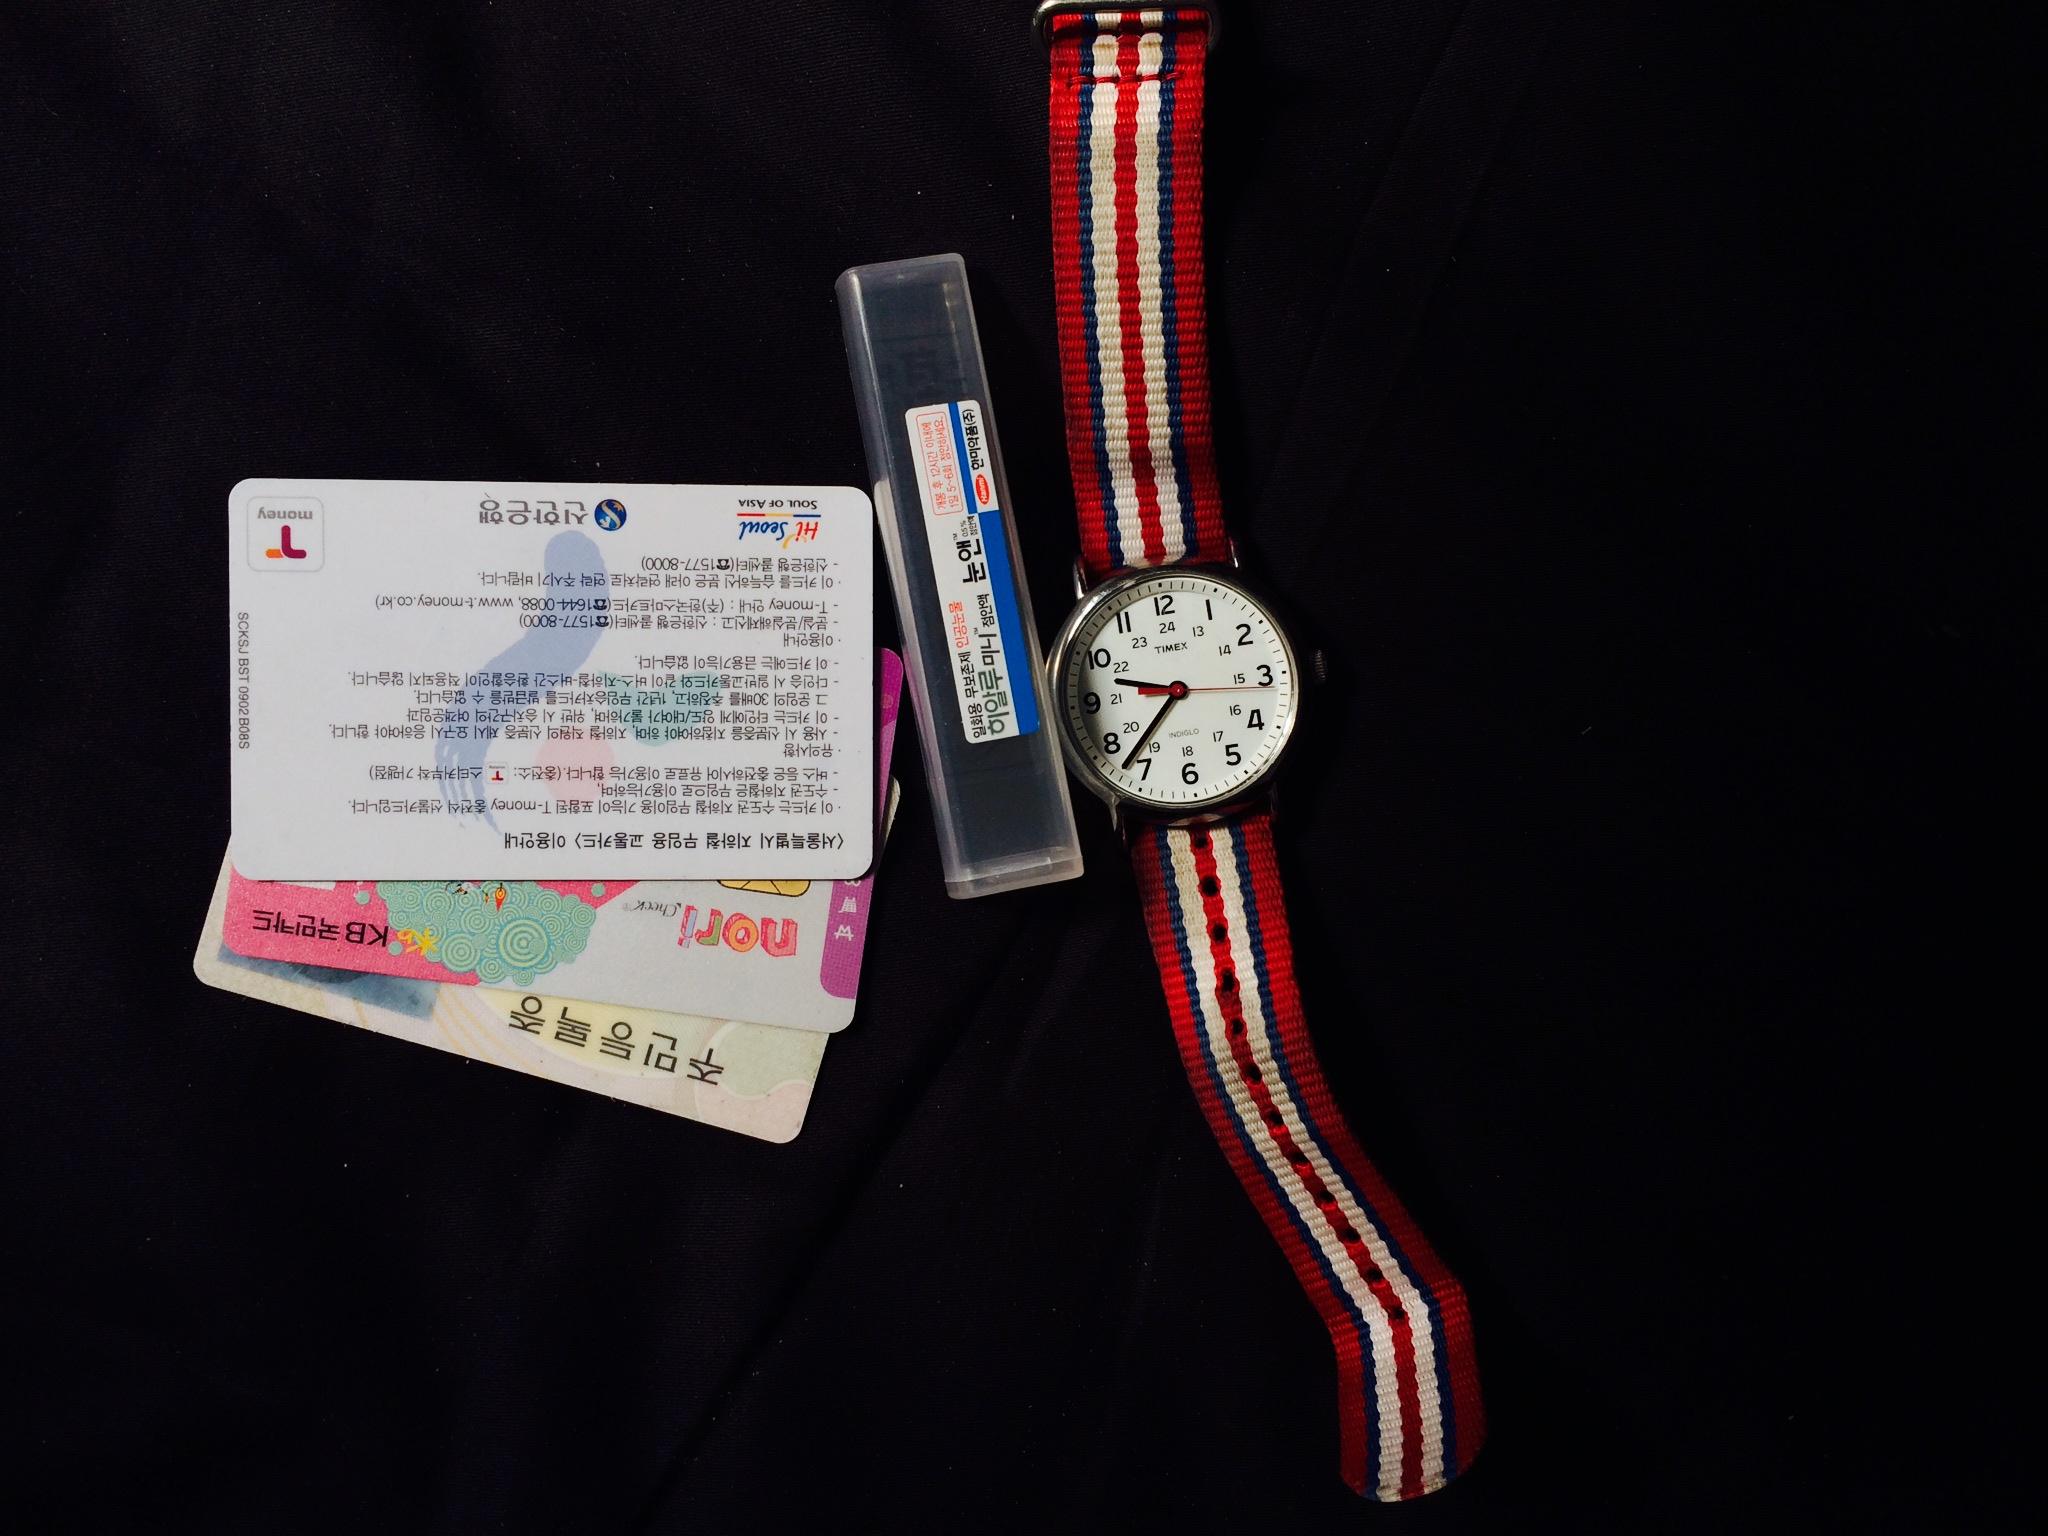 들고 간 소지품의 전부- 시계, 안약, 주민등록증, T머니카드, 체크카드, 휴대폰.